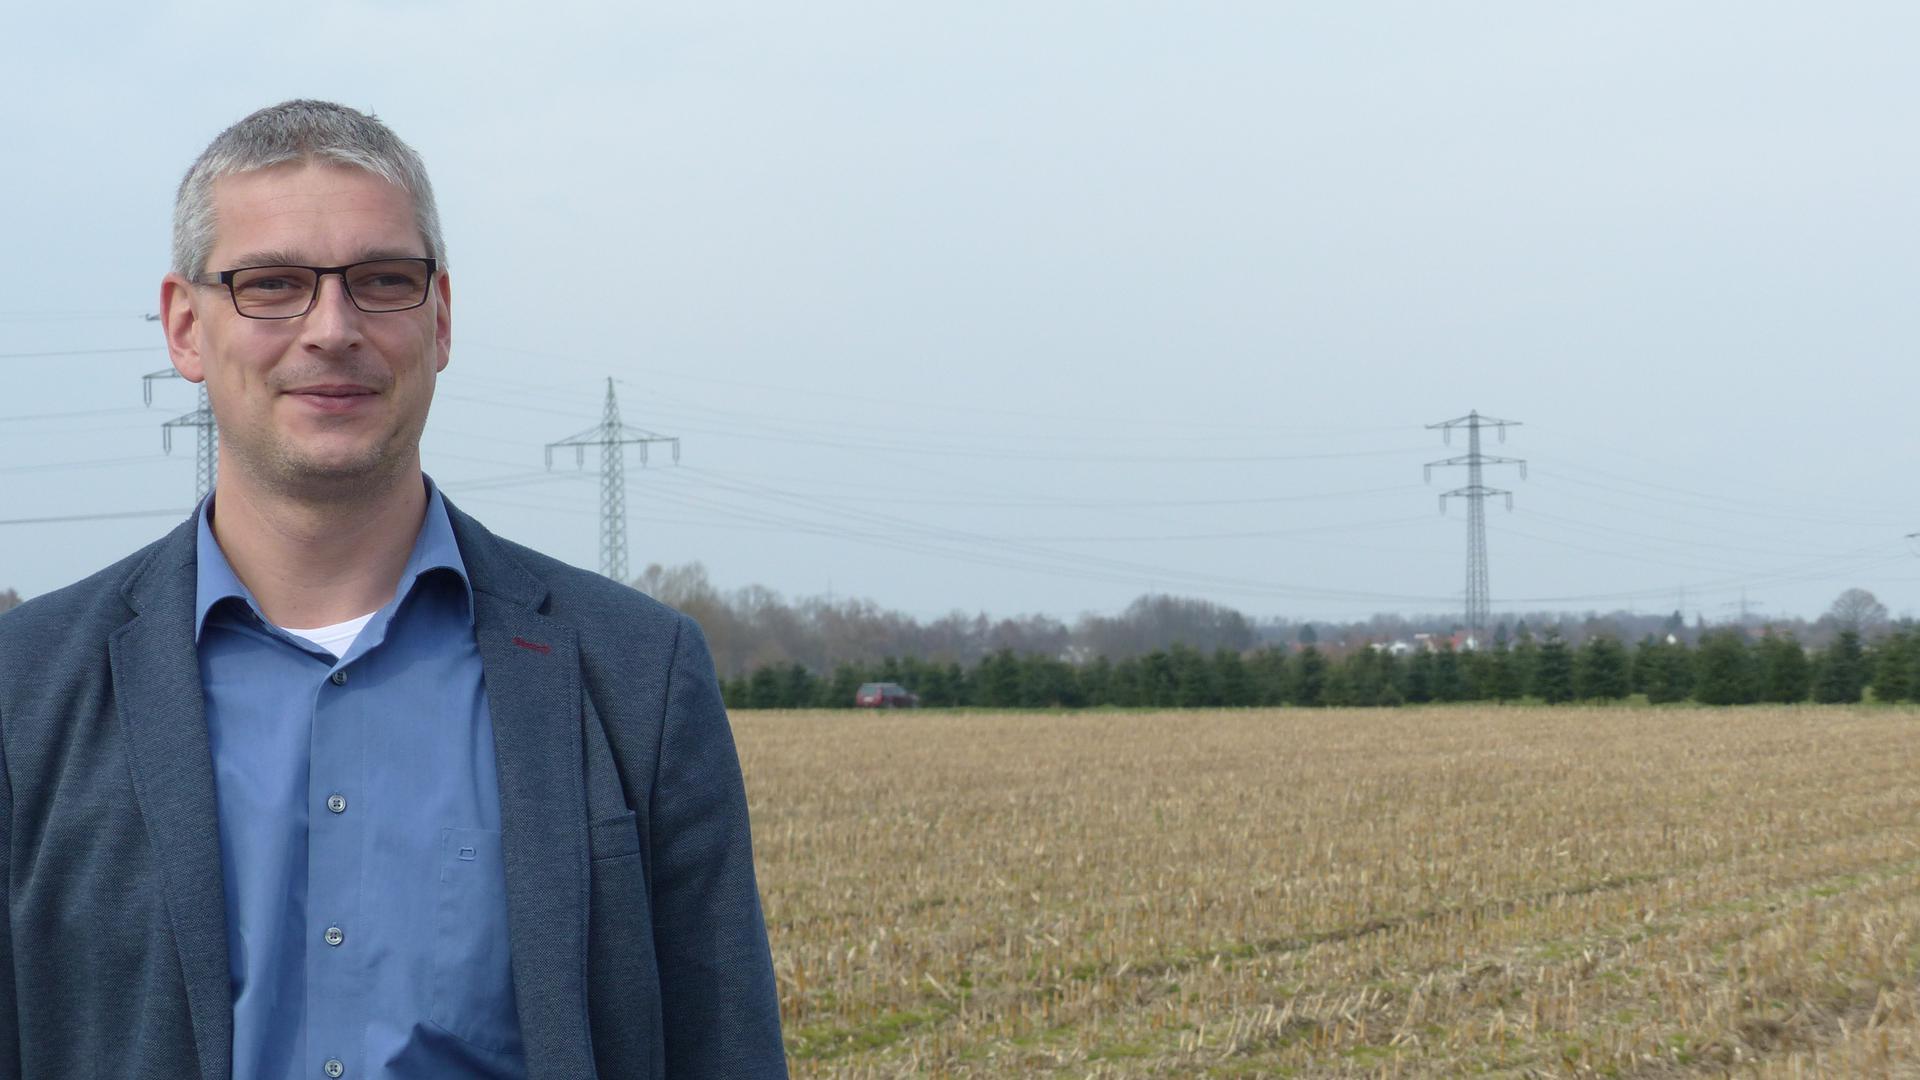 Mit Fachwissen und einer kreativen Idee entwarf Markus Benkeser ein Konzept gegen eine weitere PFC-Belastung des Grundwassers.